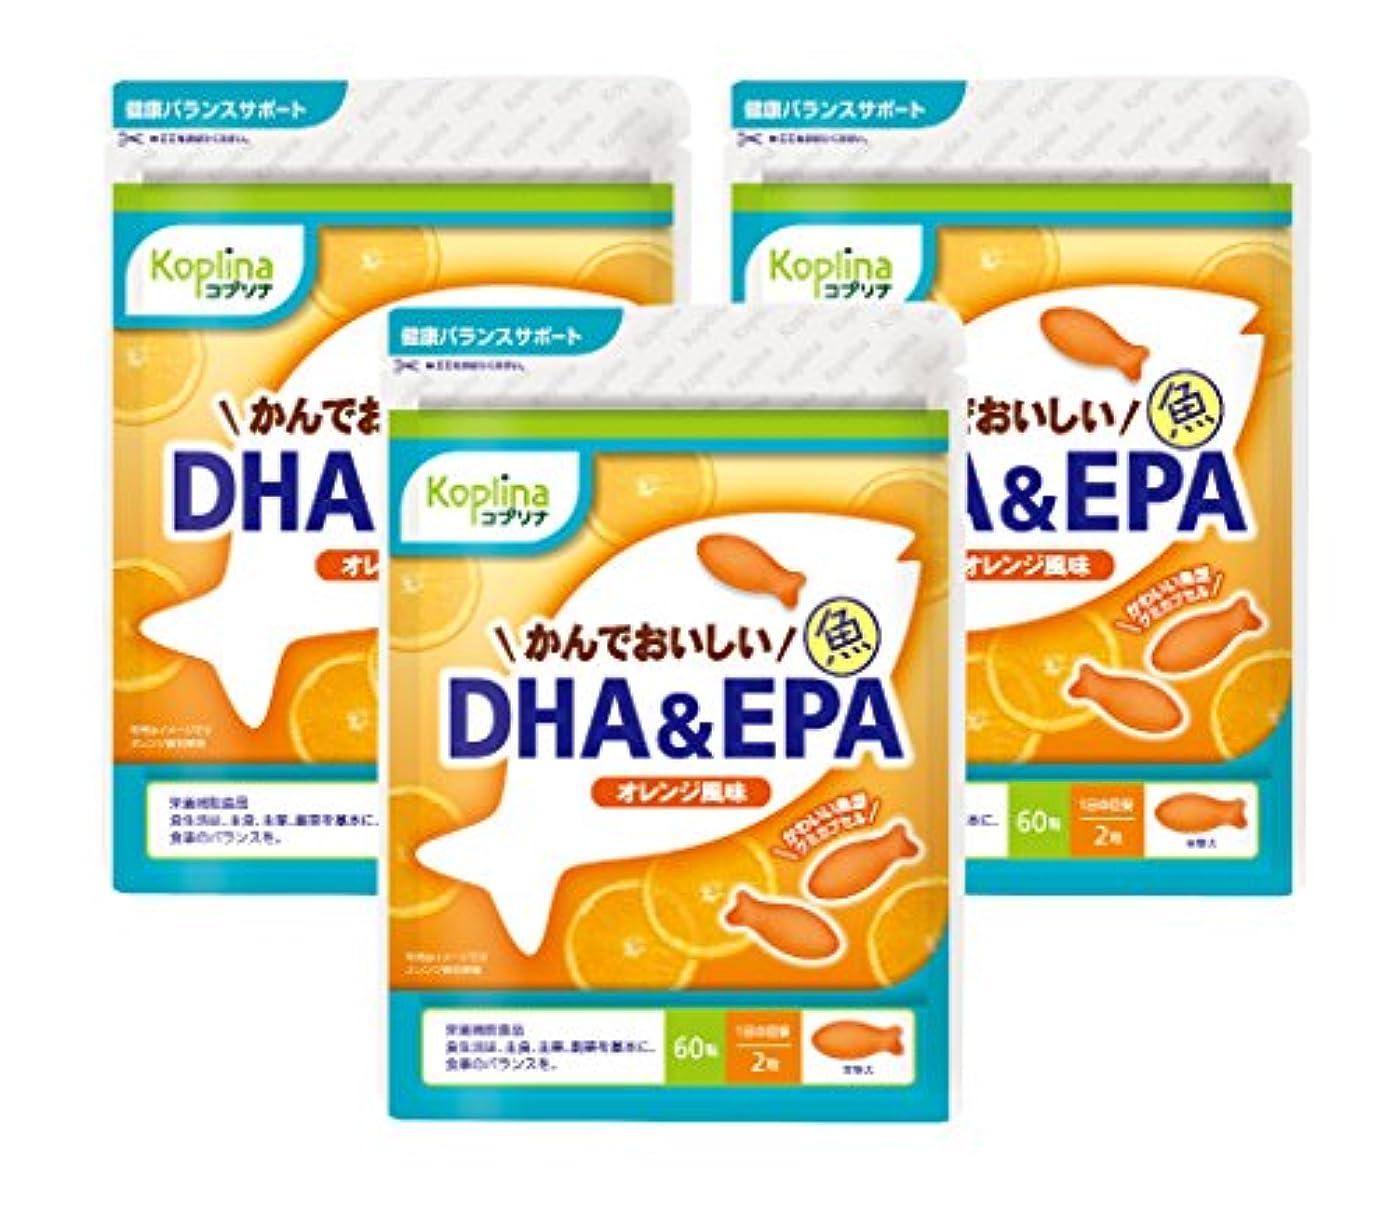 ピッチャー大宇宙ゴールデンかんでおいしい魚DHA&EPA 60粒(オレンジ風味)日本国内製造 チュアブルタイプ (1) (3)